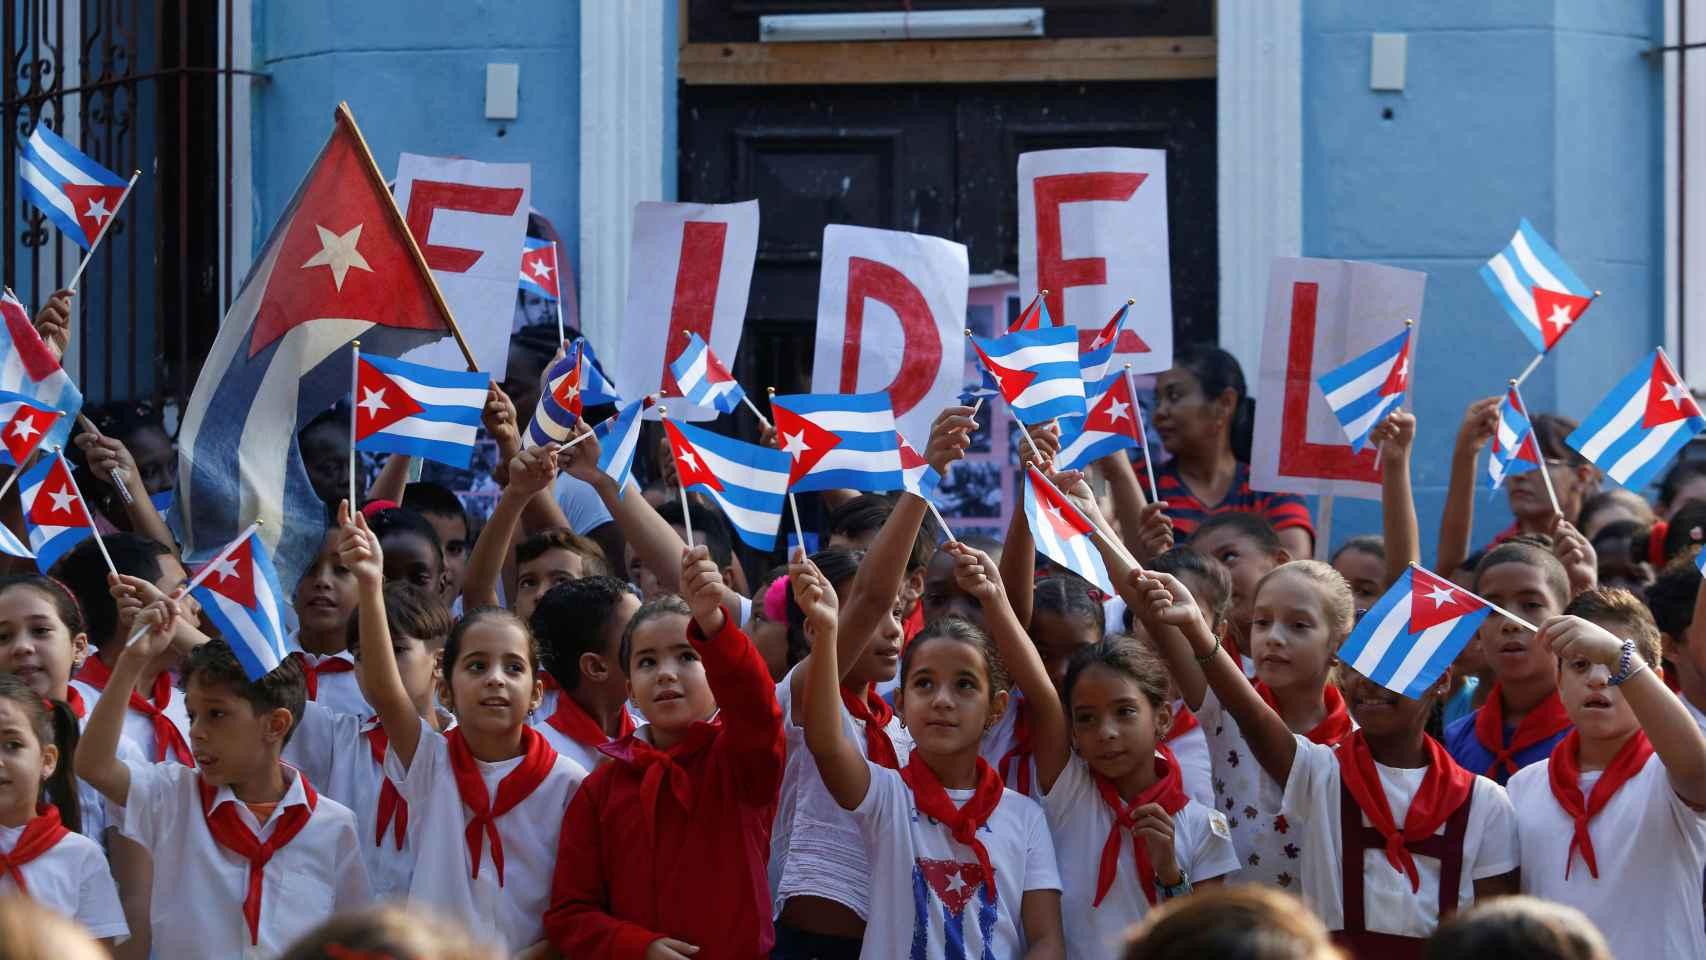 Un grupo de niños recuerdan a Fidel Castro un año después de su fallecimiento